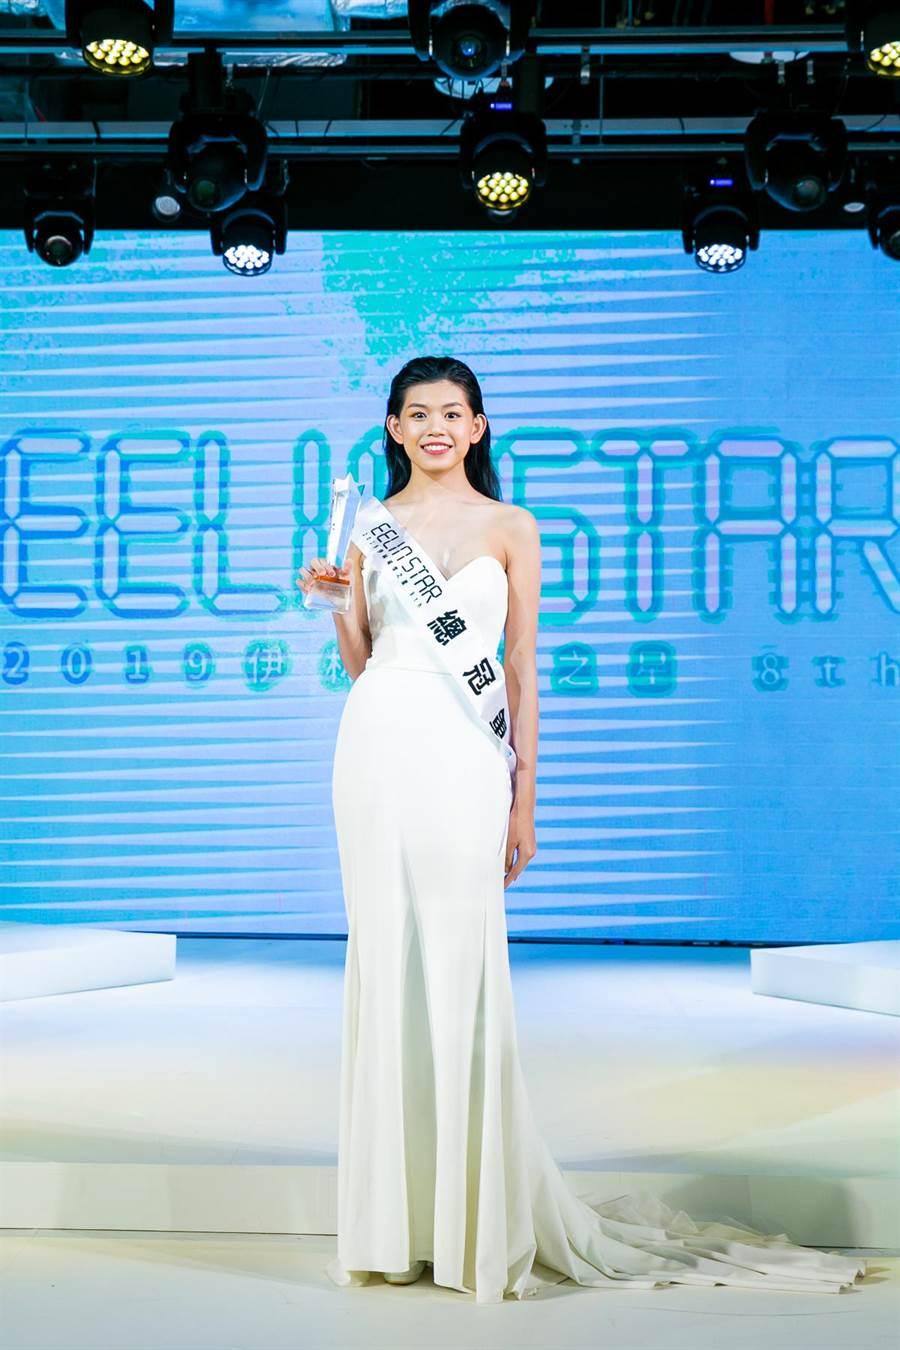 15歲林之旋獲第八屆璀璨之星總冠軍女模特兒組冠軍。(伊林娛樂提供/何冠嫻苗栗傳真)